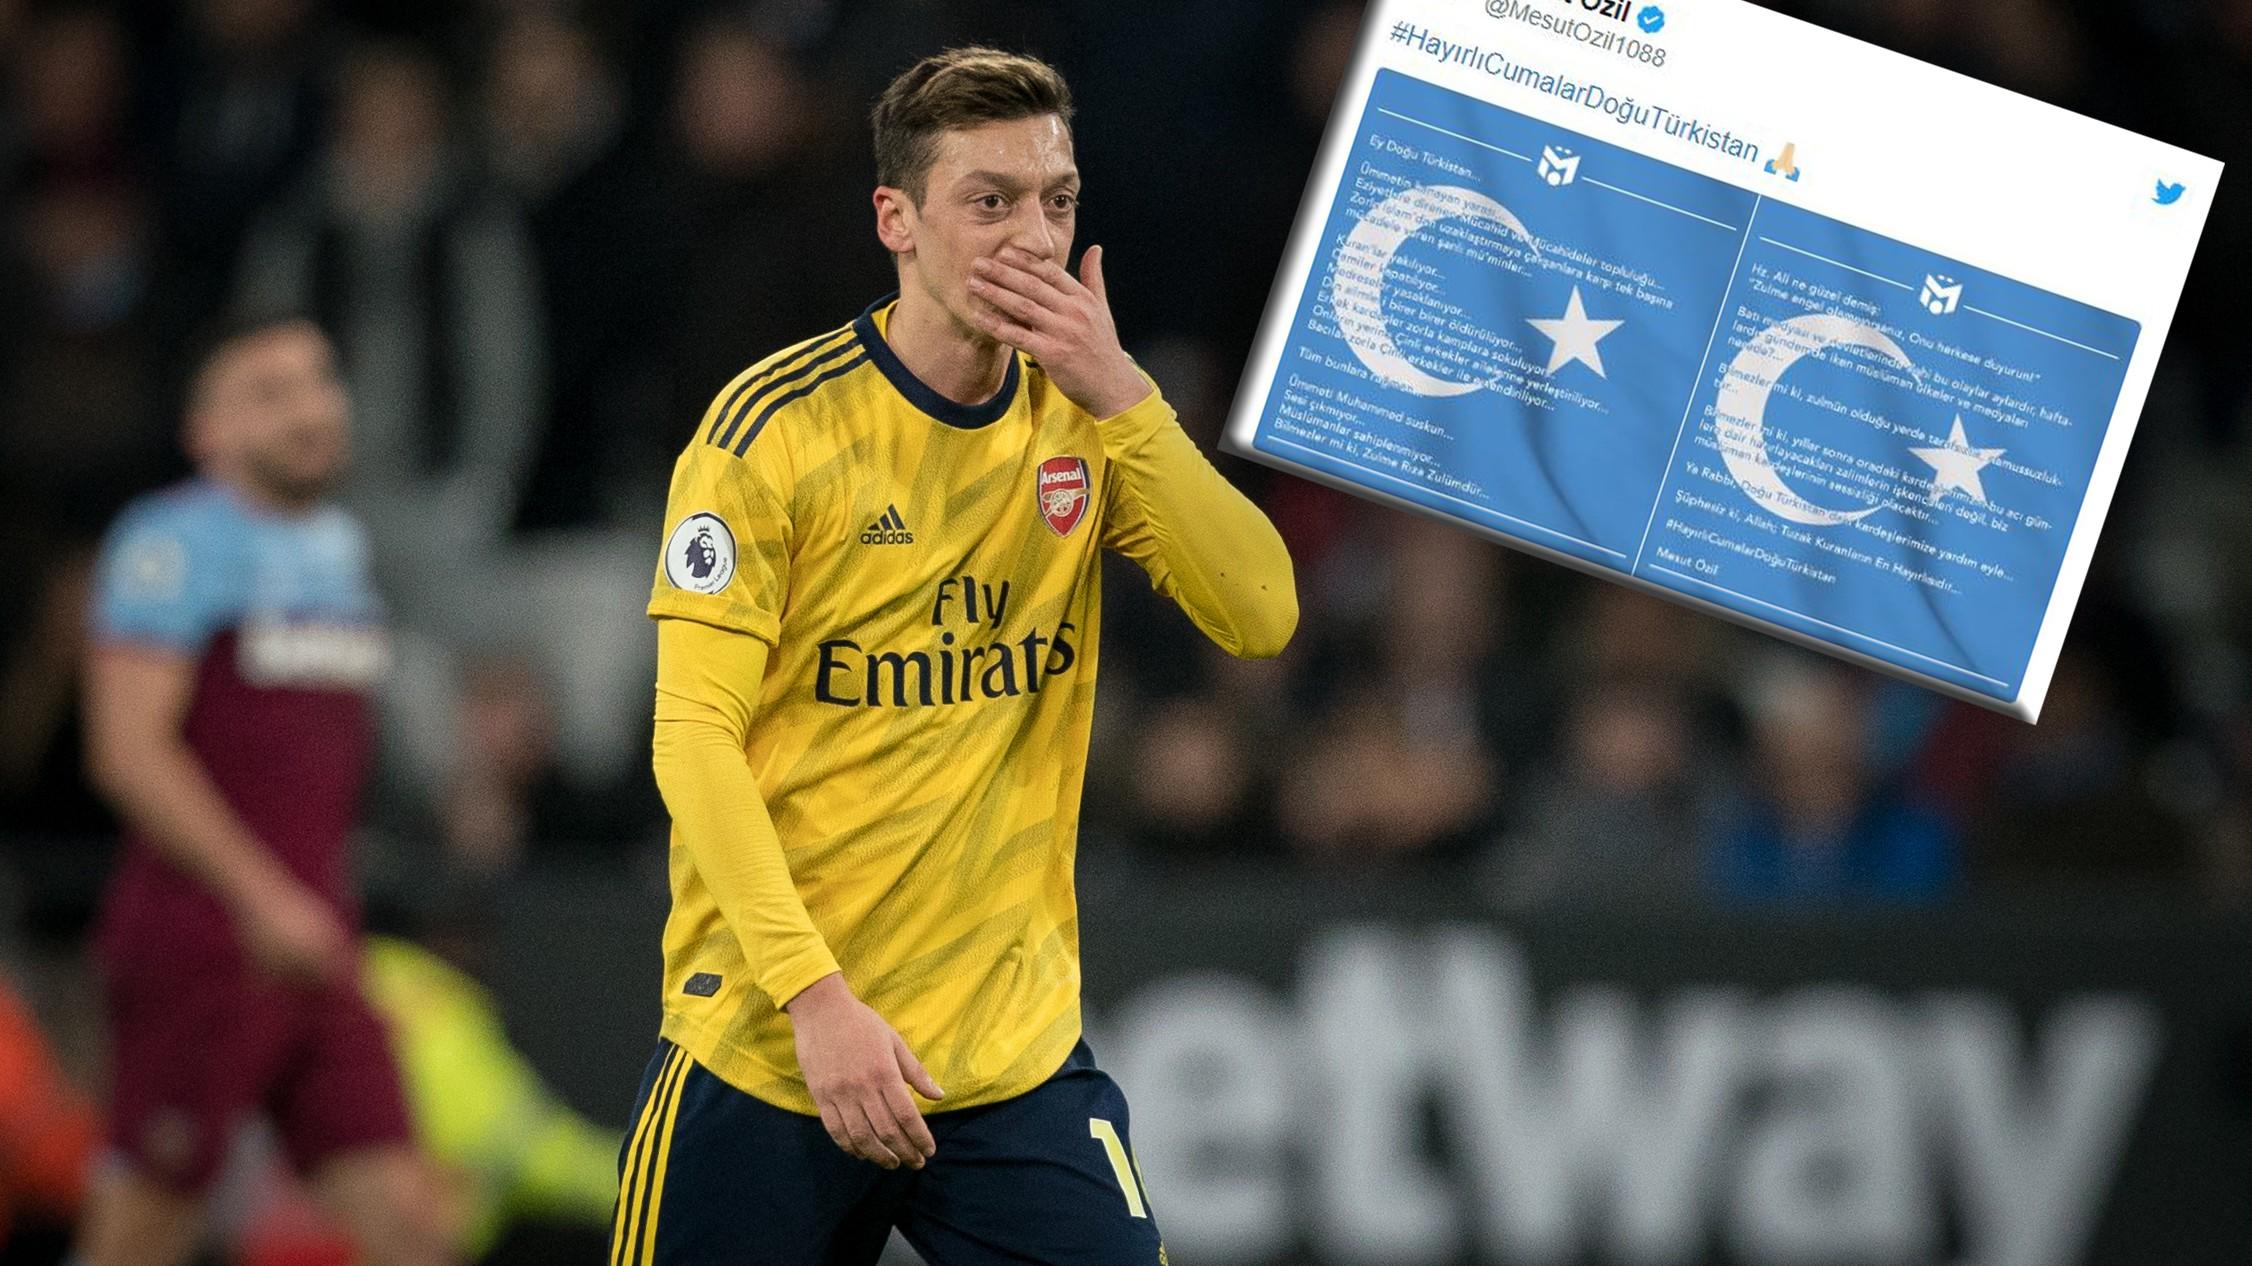 Nach Özil-Tweet: China streicht TV-Übertragung von FC Arsenal vs. ManCity